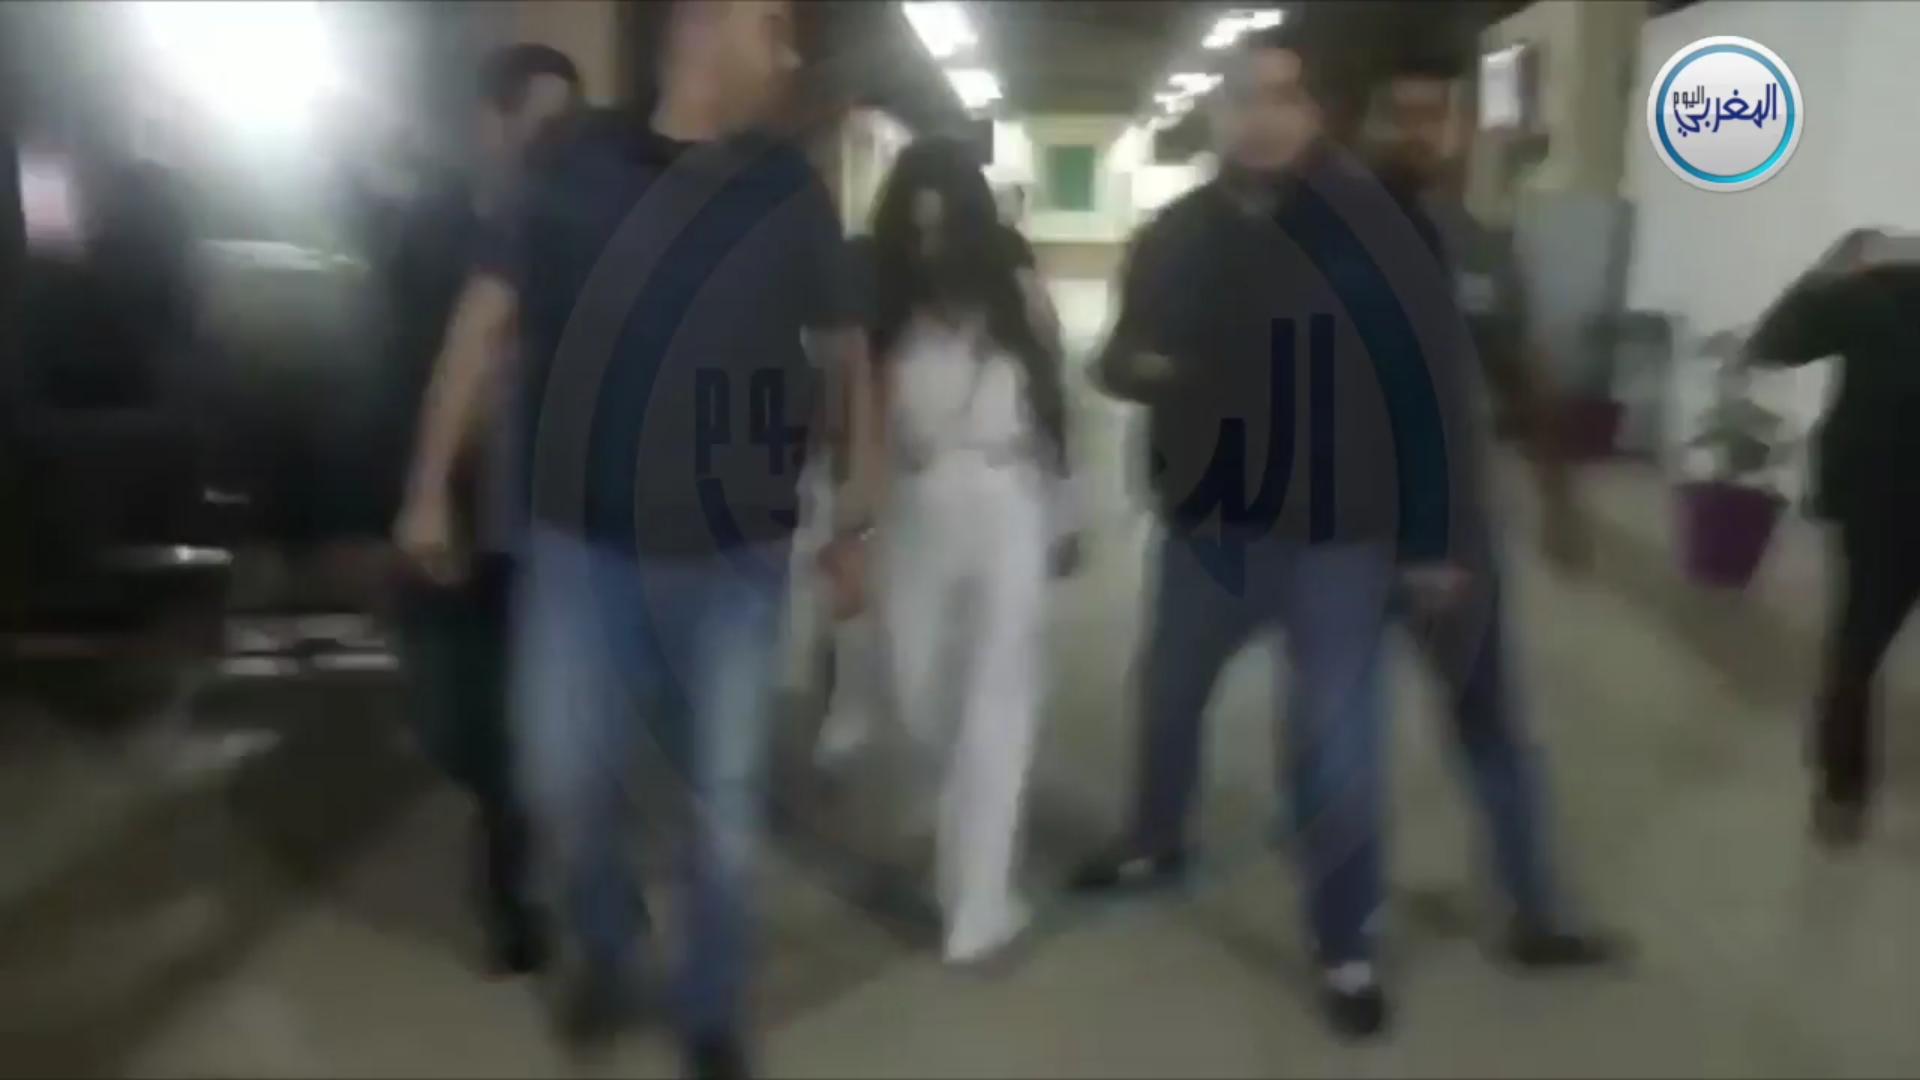 بالفيديو… لحظة وصول حنان بكور للاستماع إليها وعرض الأشرطة الجنسية خلال محاكمة بوعشرين